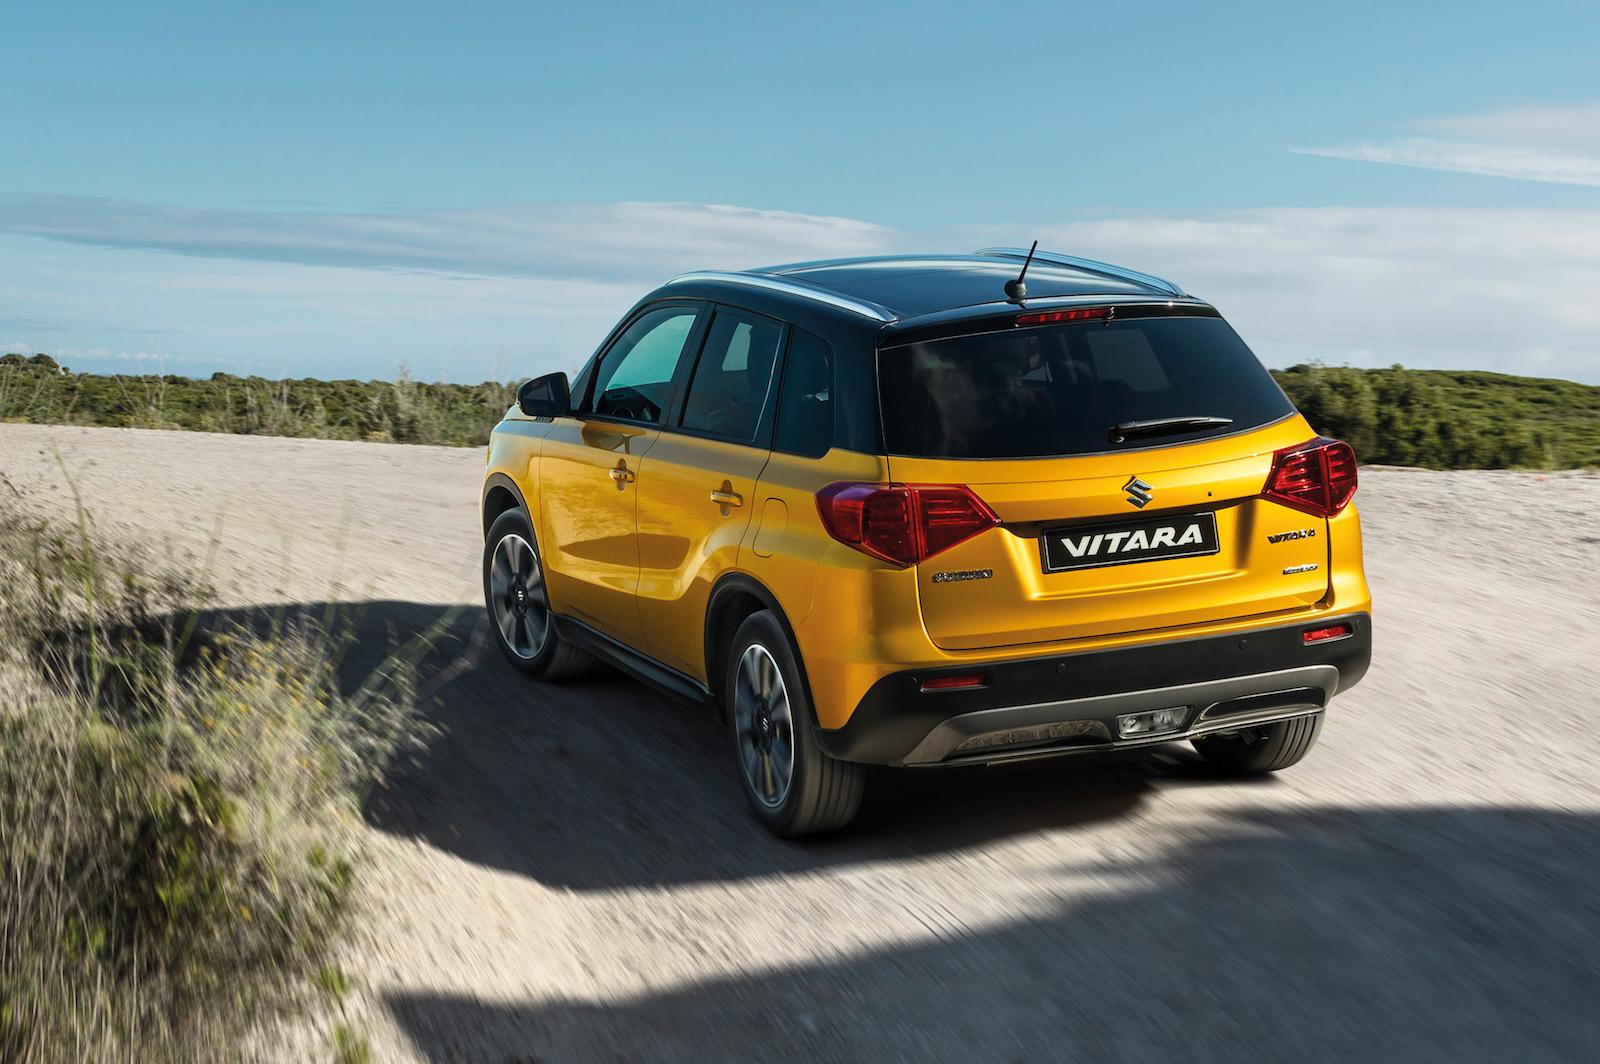 2019 Suzuki Vitara Review, Price, Facelift >> 2019 Suzuki Vitara Series Ii Review Australian Launch